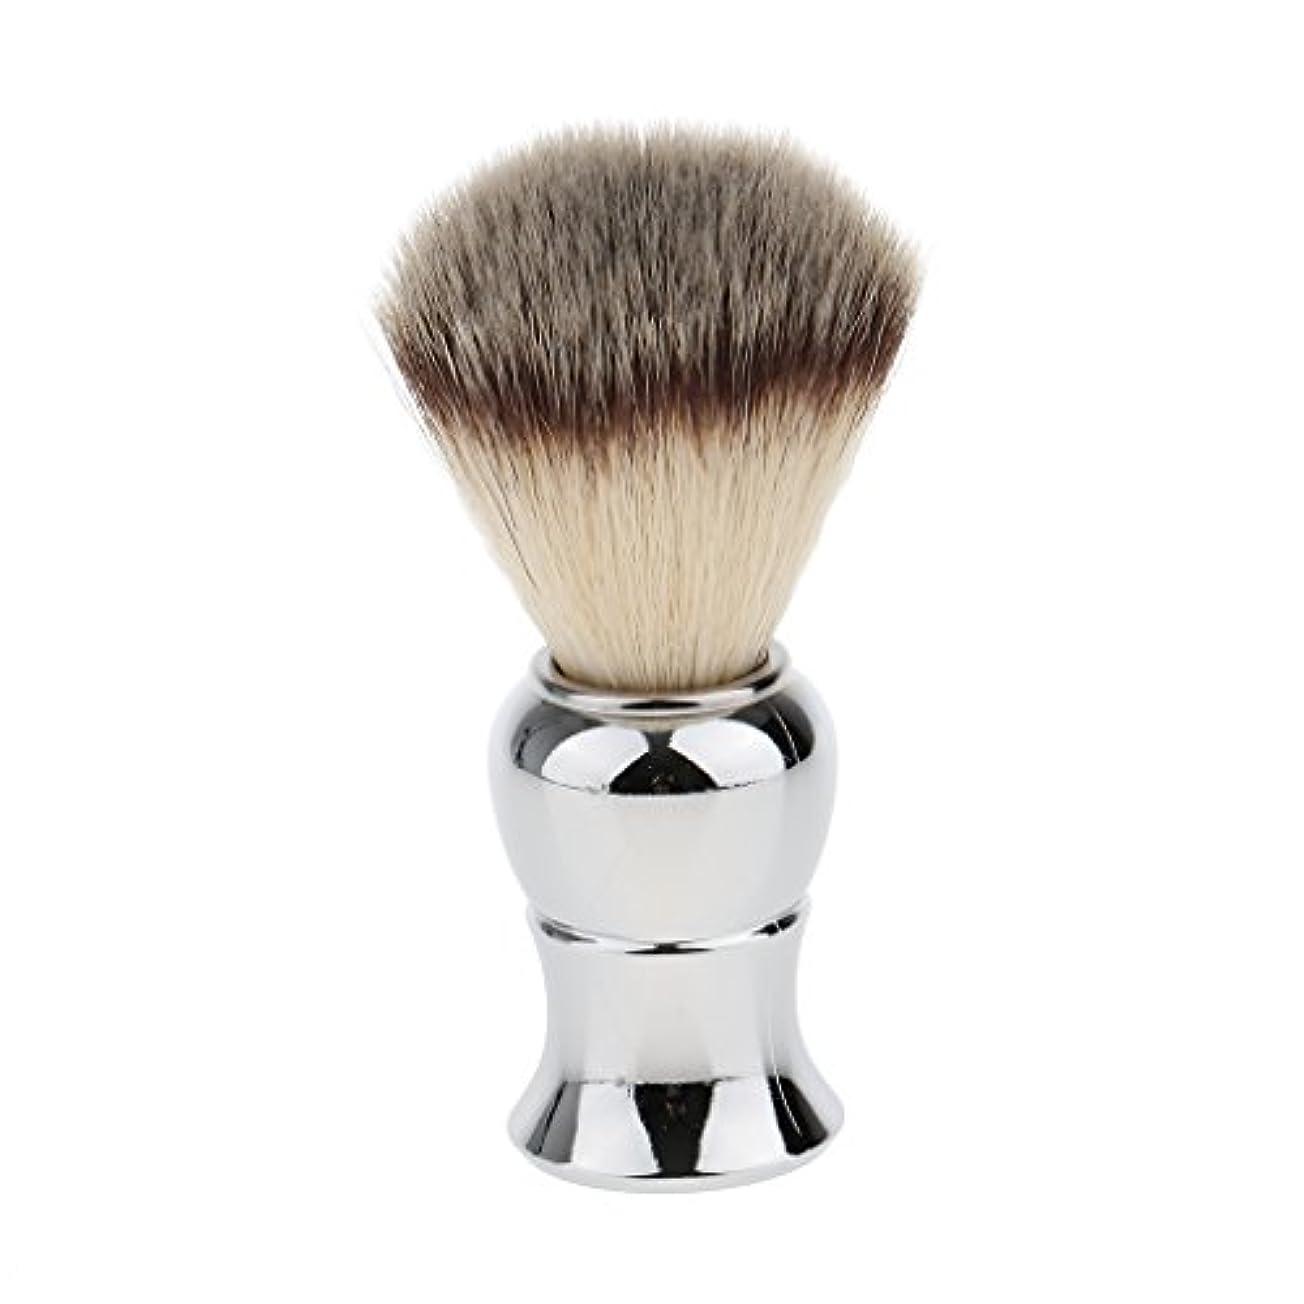 検索決して航海Kesoto メンズ シェービングブラシ ソフト ナイロン 合金ハンドル シェービング ブラシ サロン 髭剃りツール